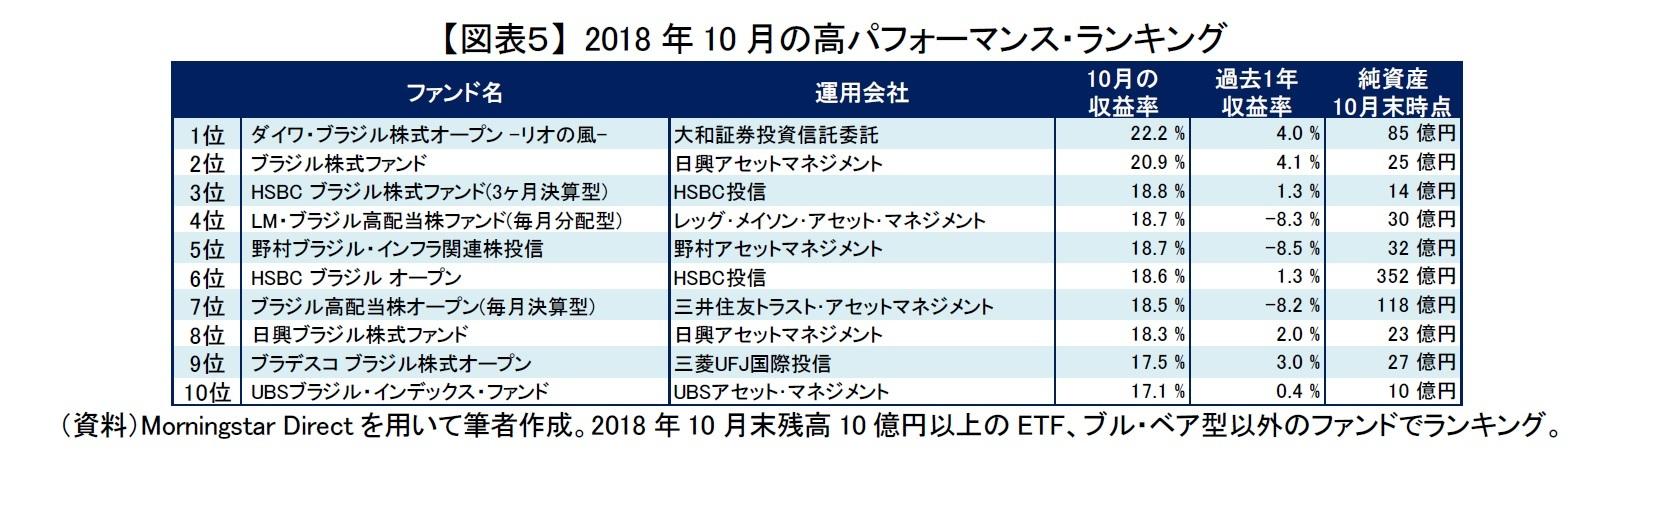 【図表5】 2018年10月の高パフォーマンス・ランキング